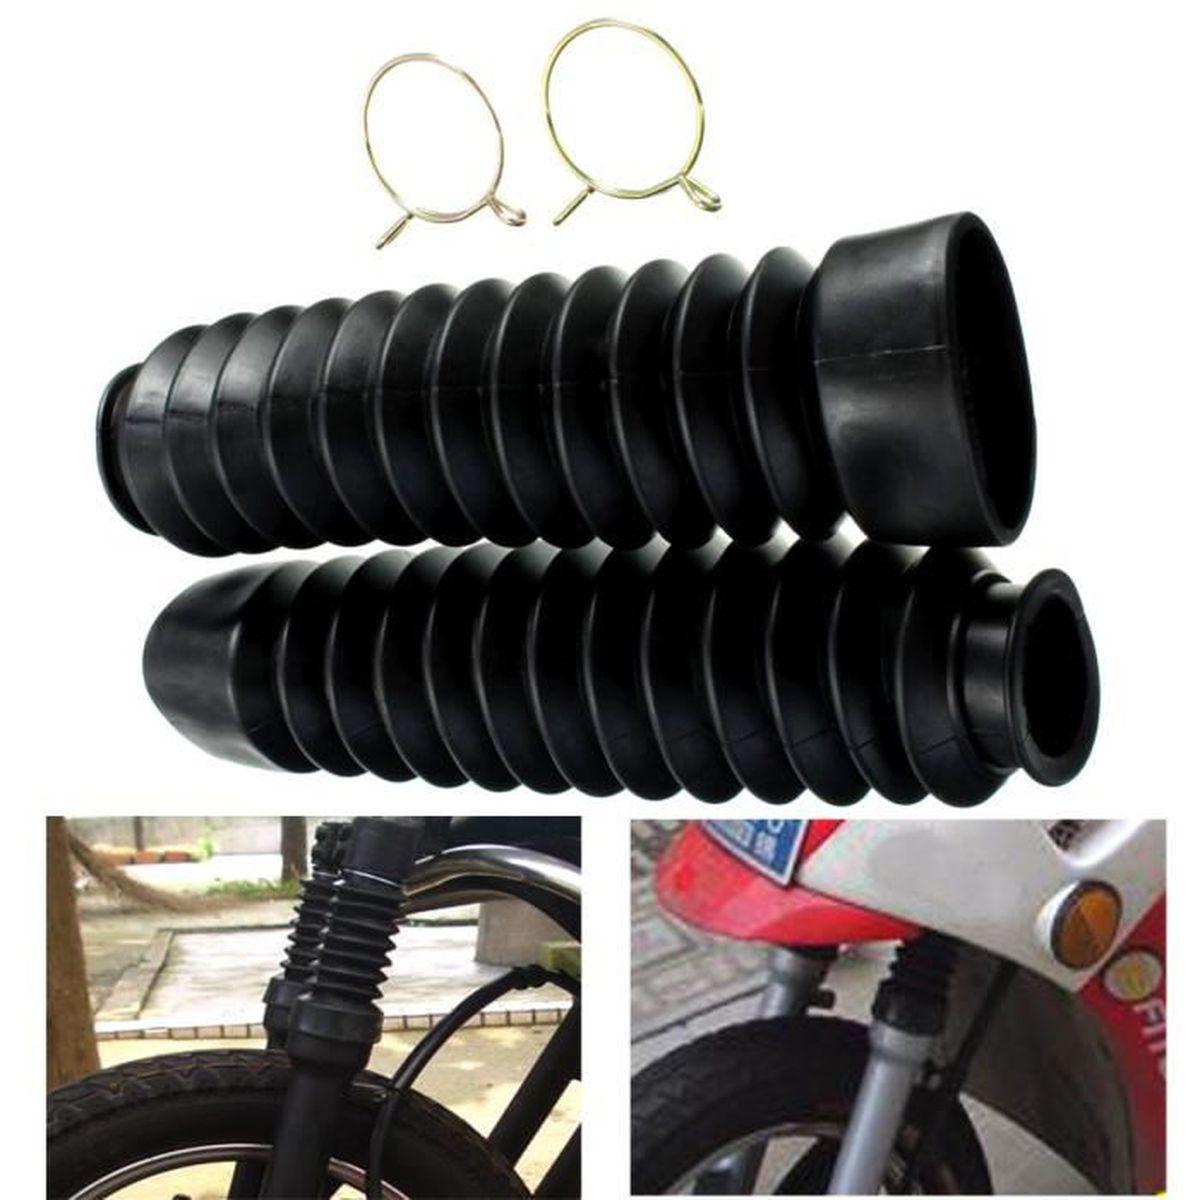 Cache-fourche en caoutchouc pour moto Gu/êtres Gators Bottes Amortisseur anti-poussi/ère Couvercle de fourche avant 205x42mm Black